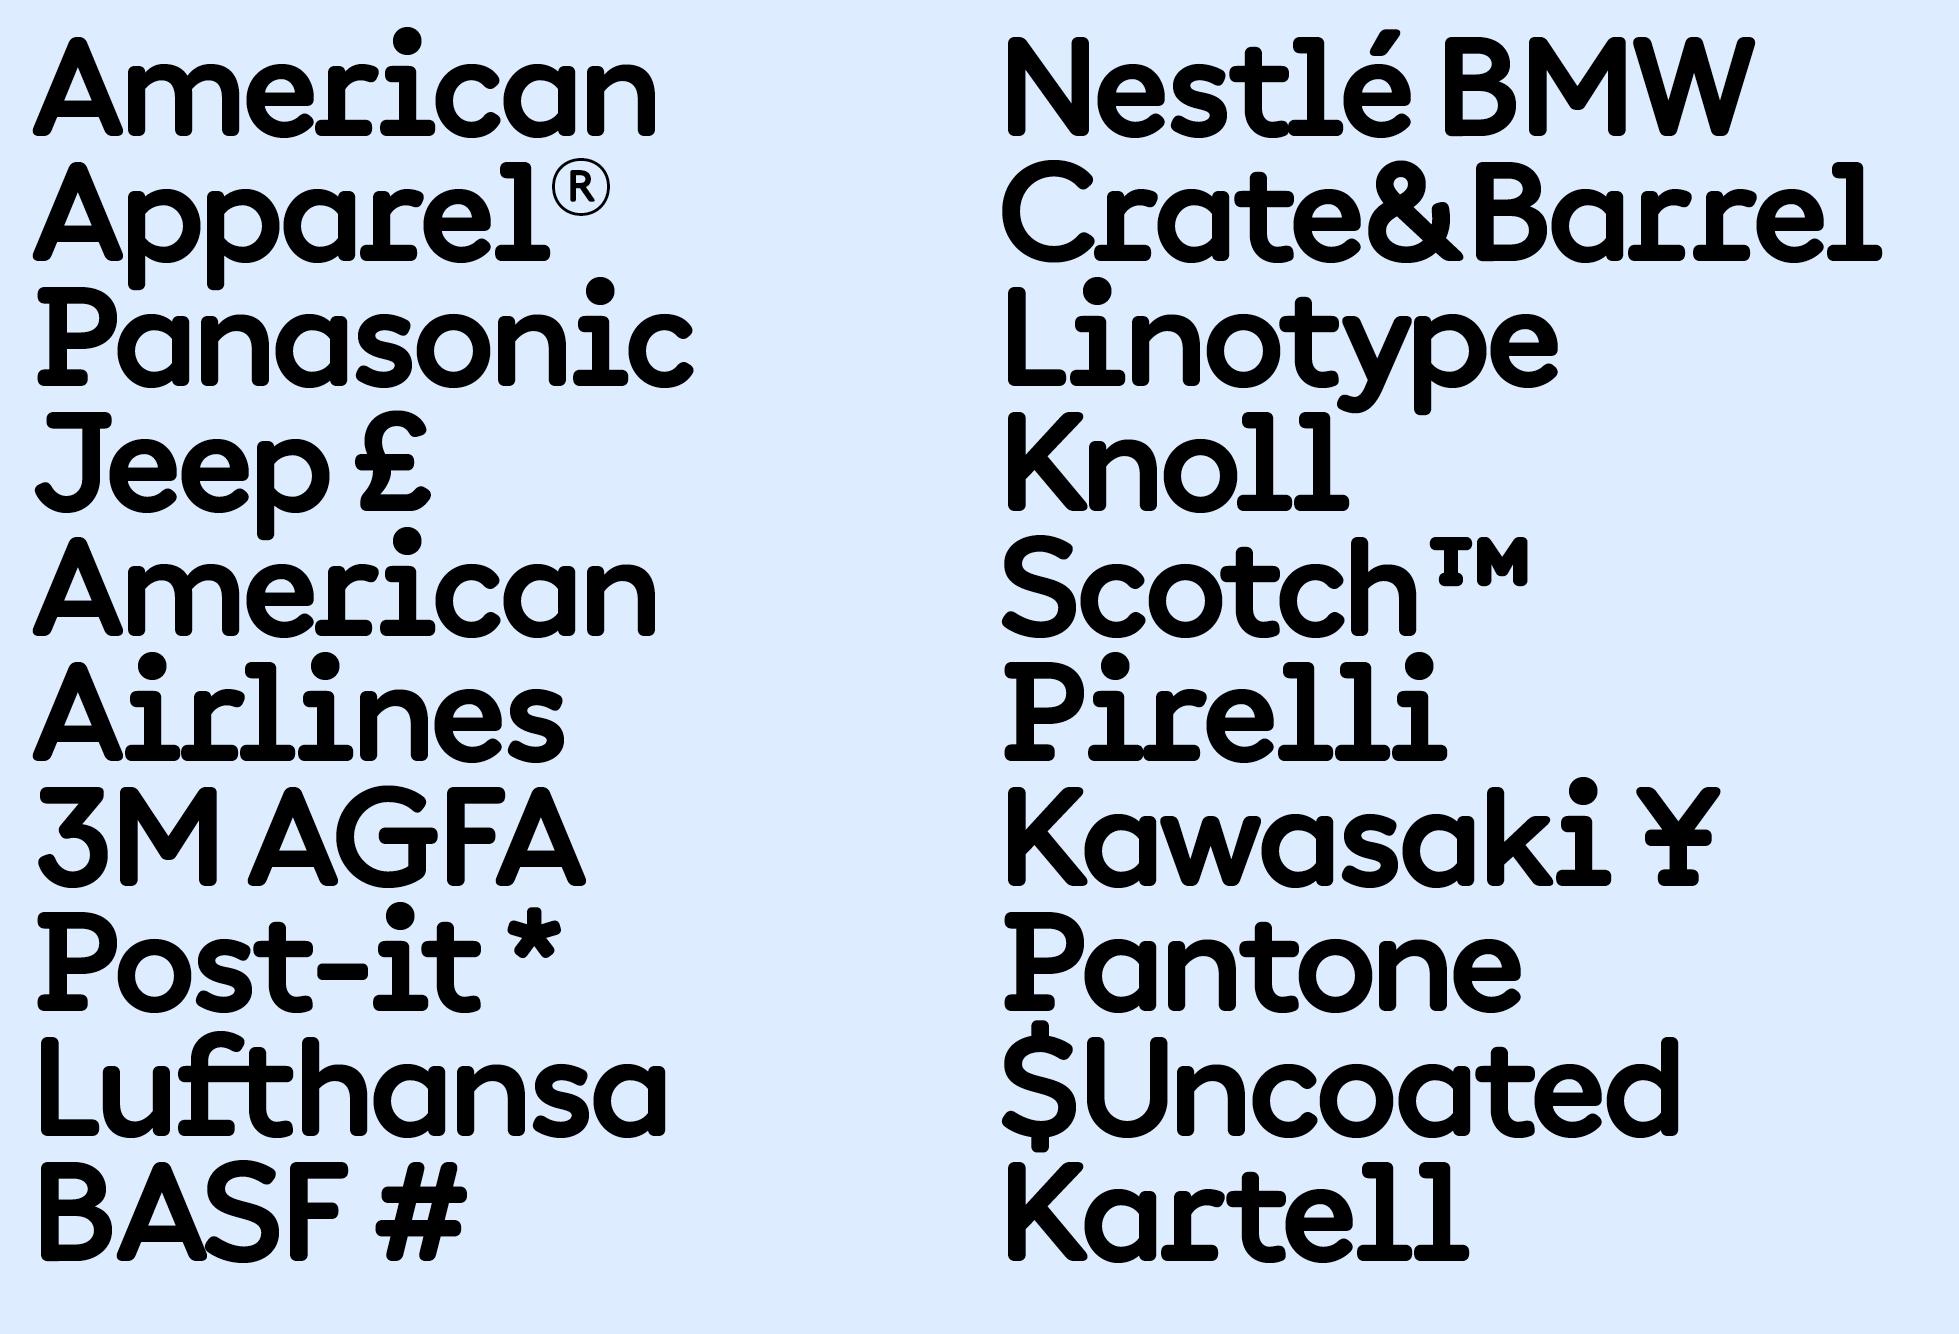 Documan Bold (brands)